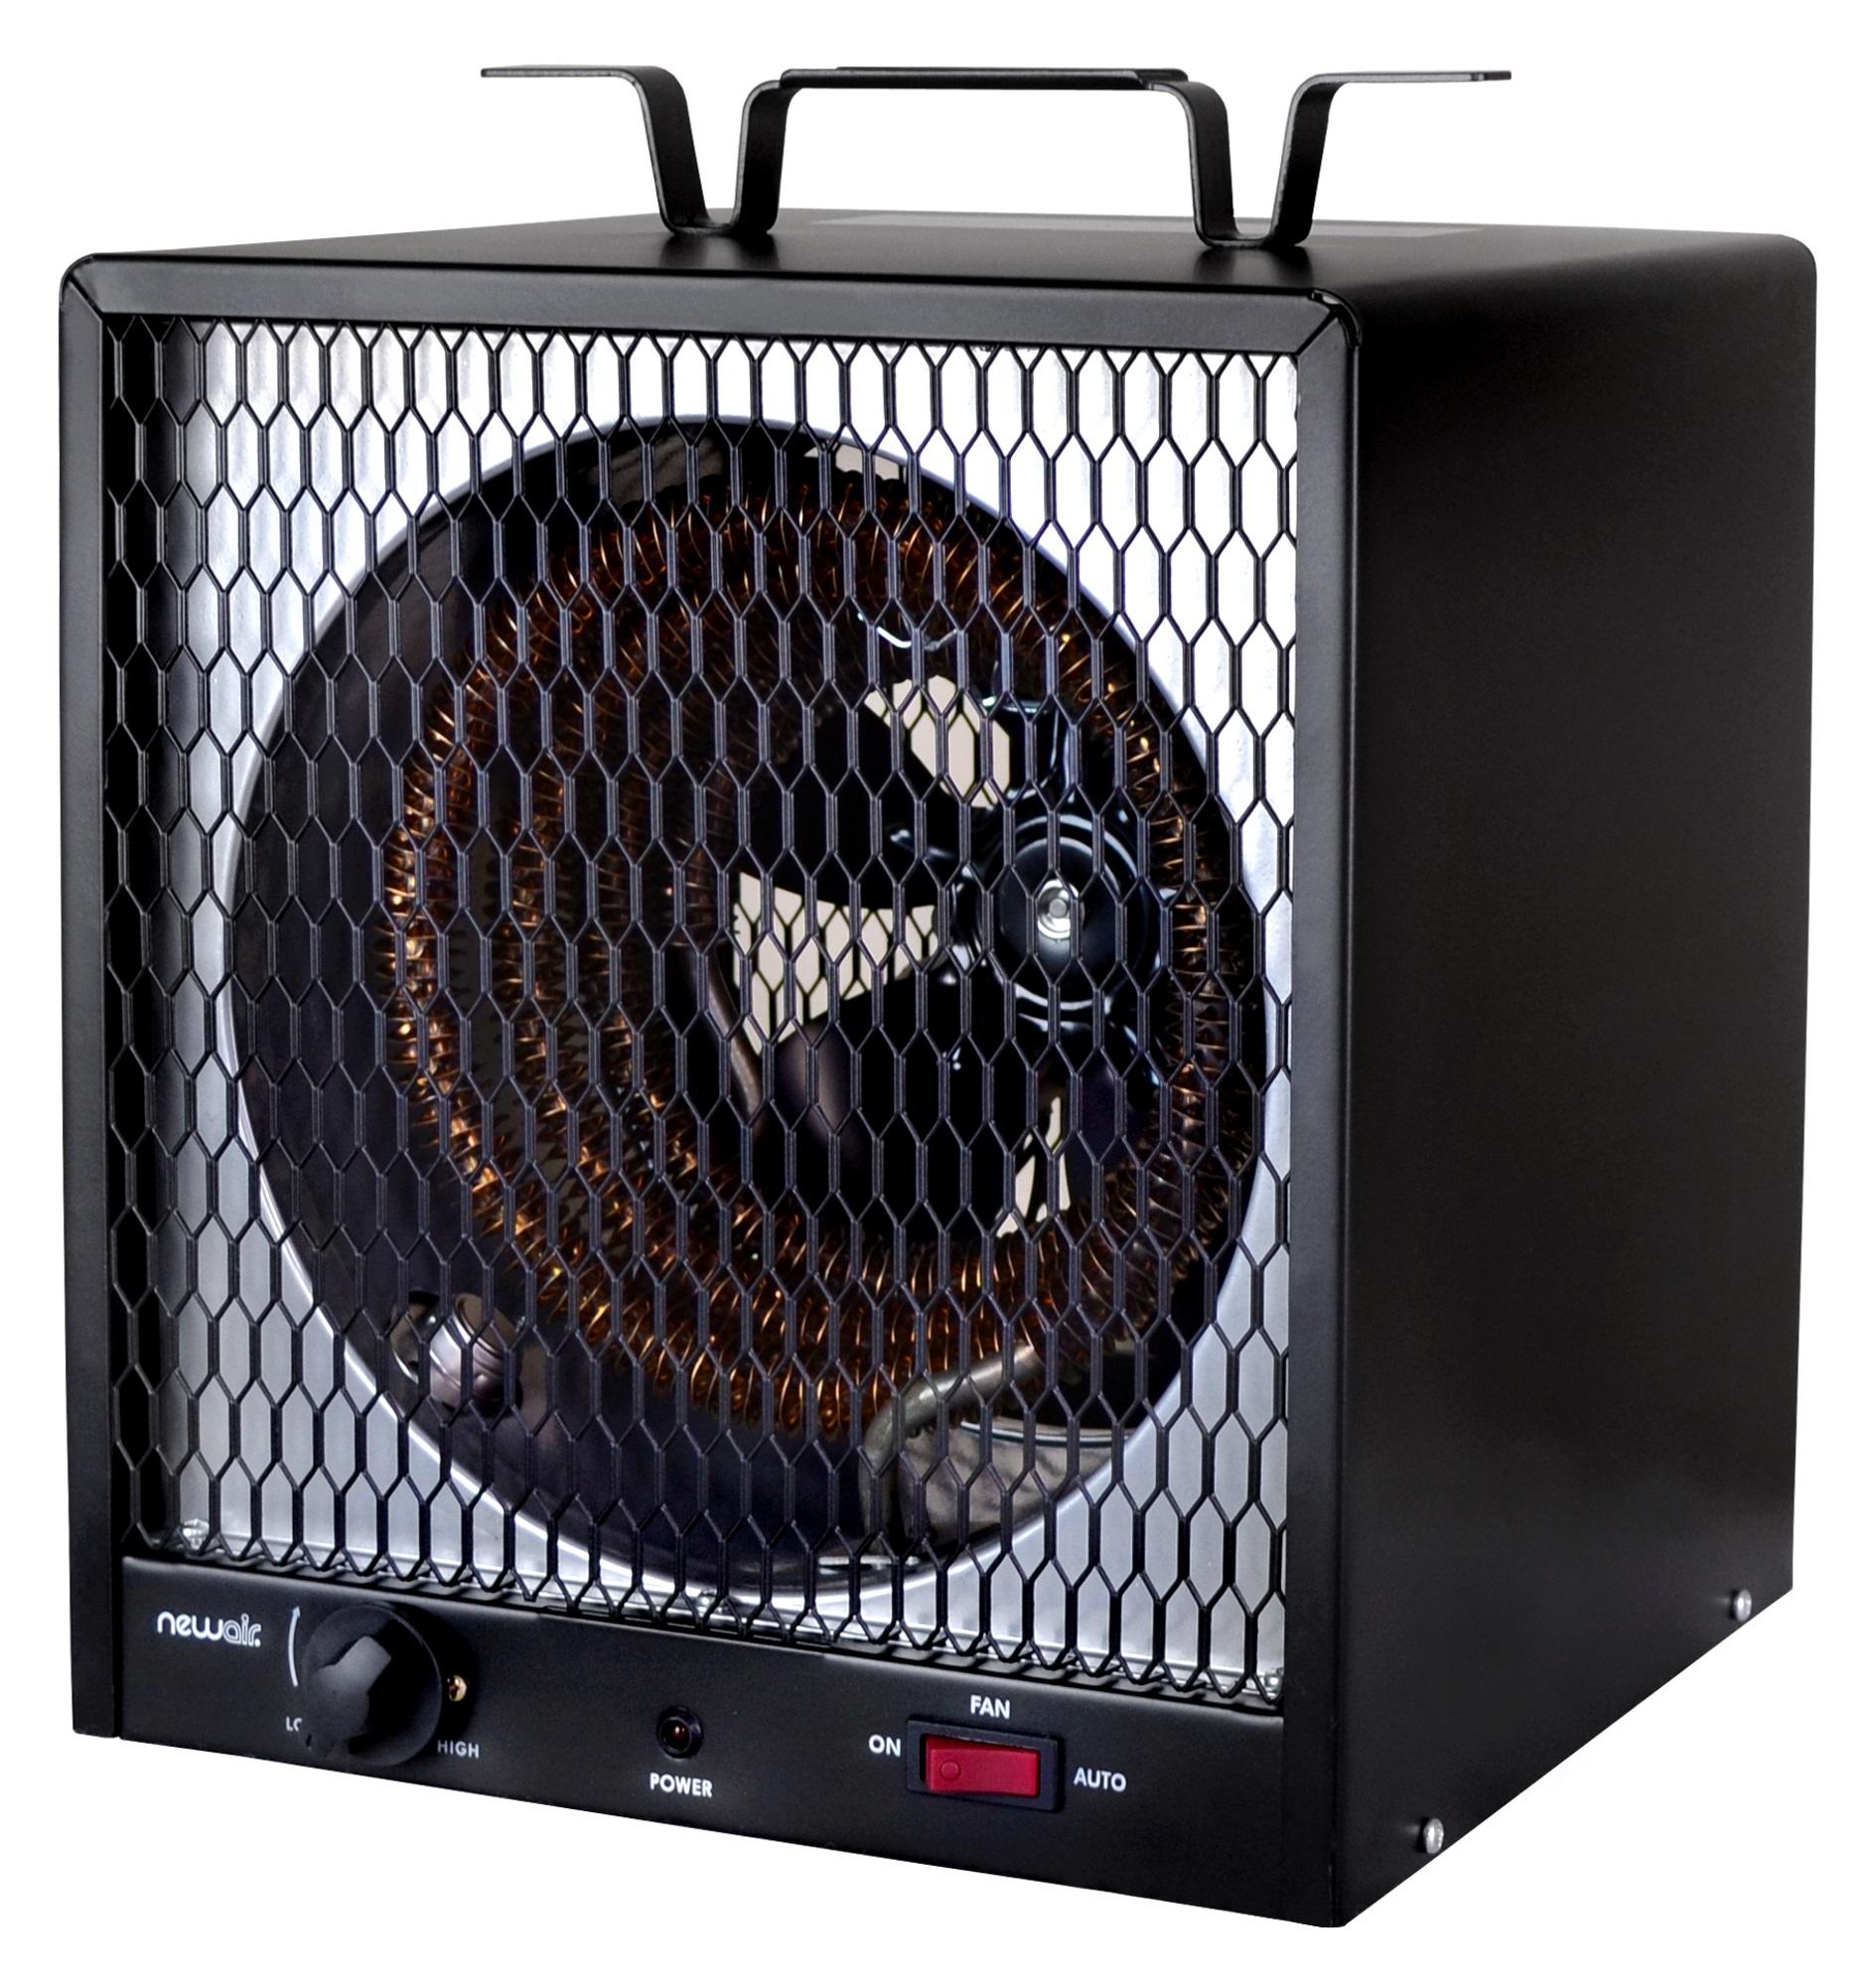 Open Box Newair G56 Garage Heater 800 Sq Ft Portable